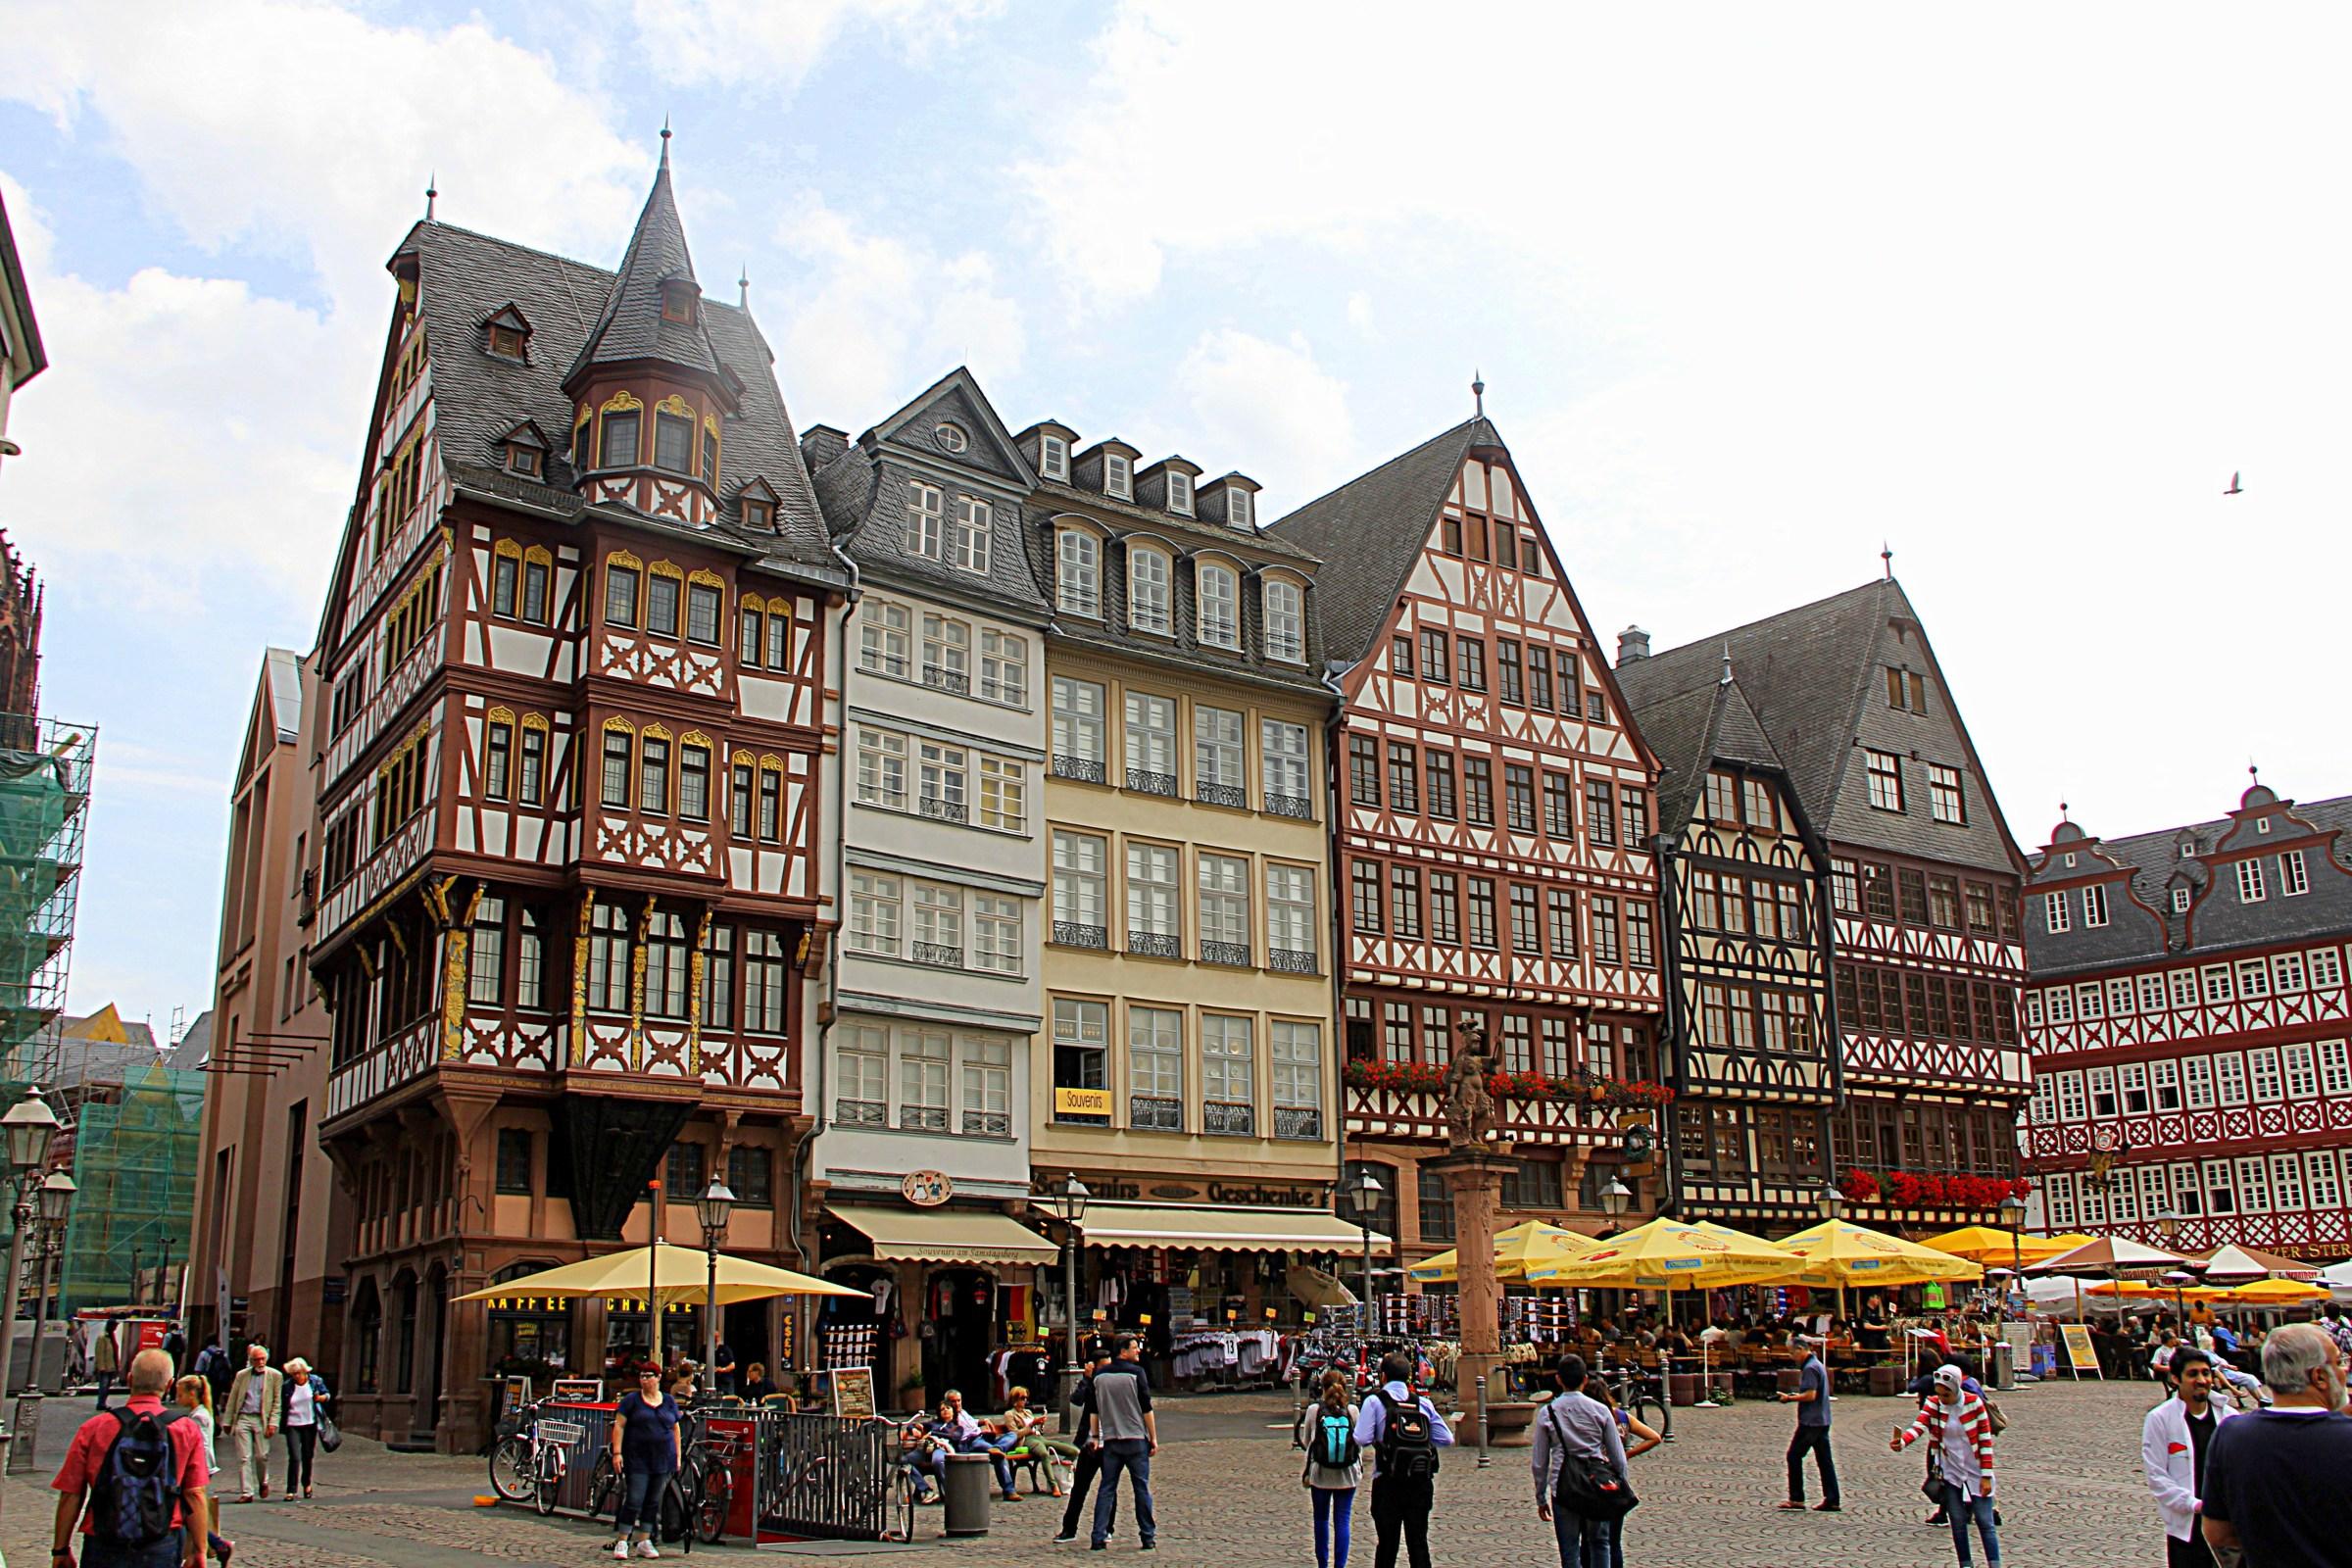 Frankfurt (Main) Old Town